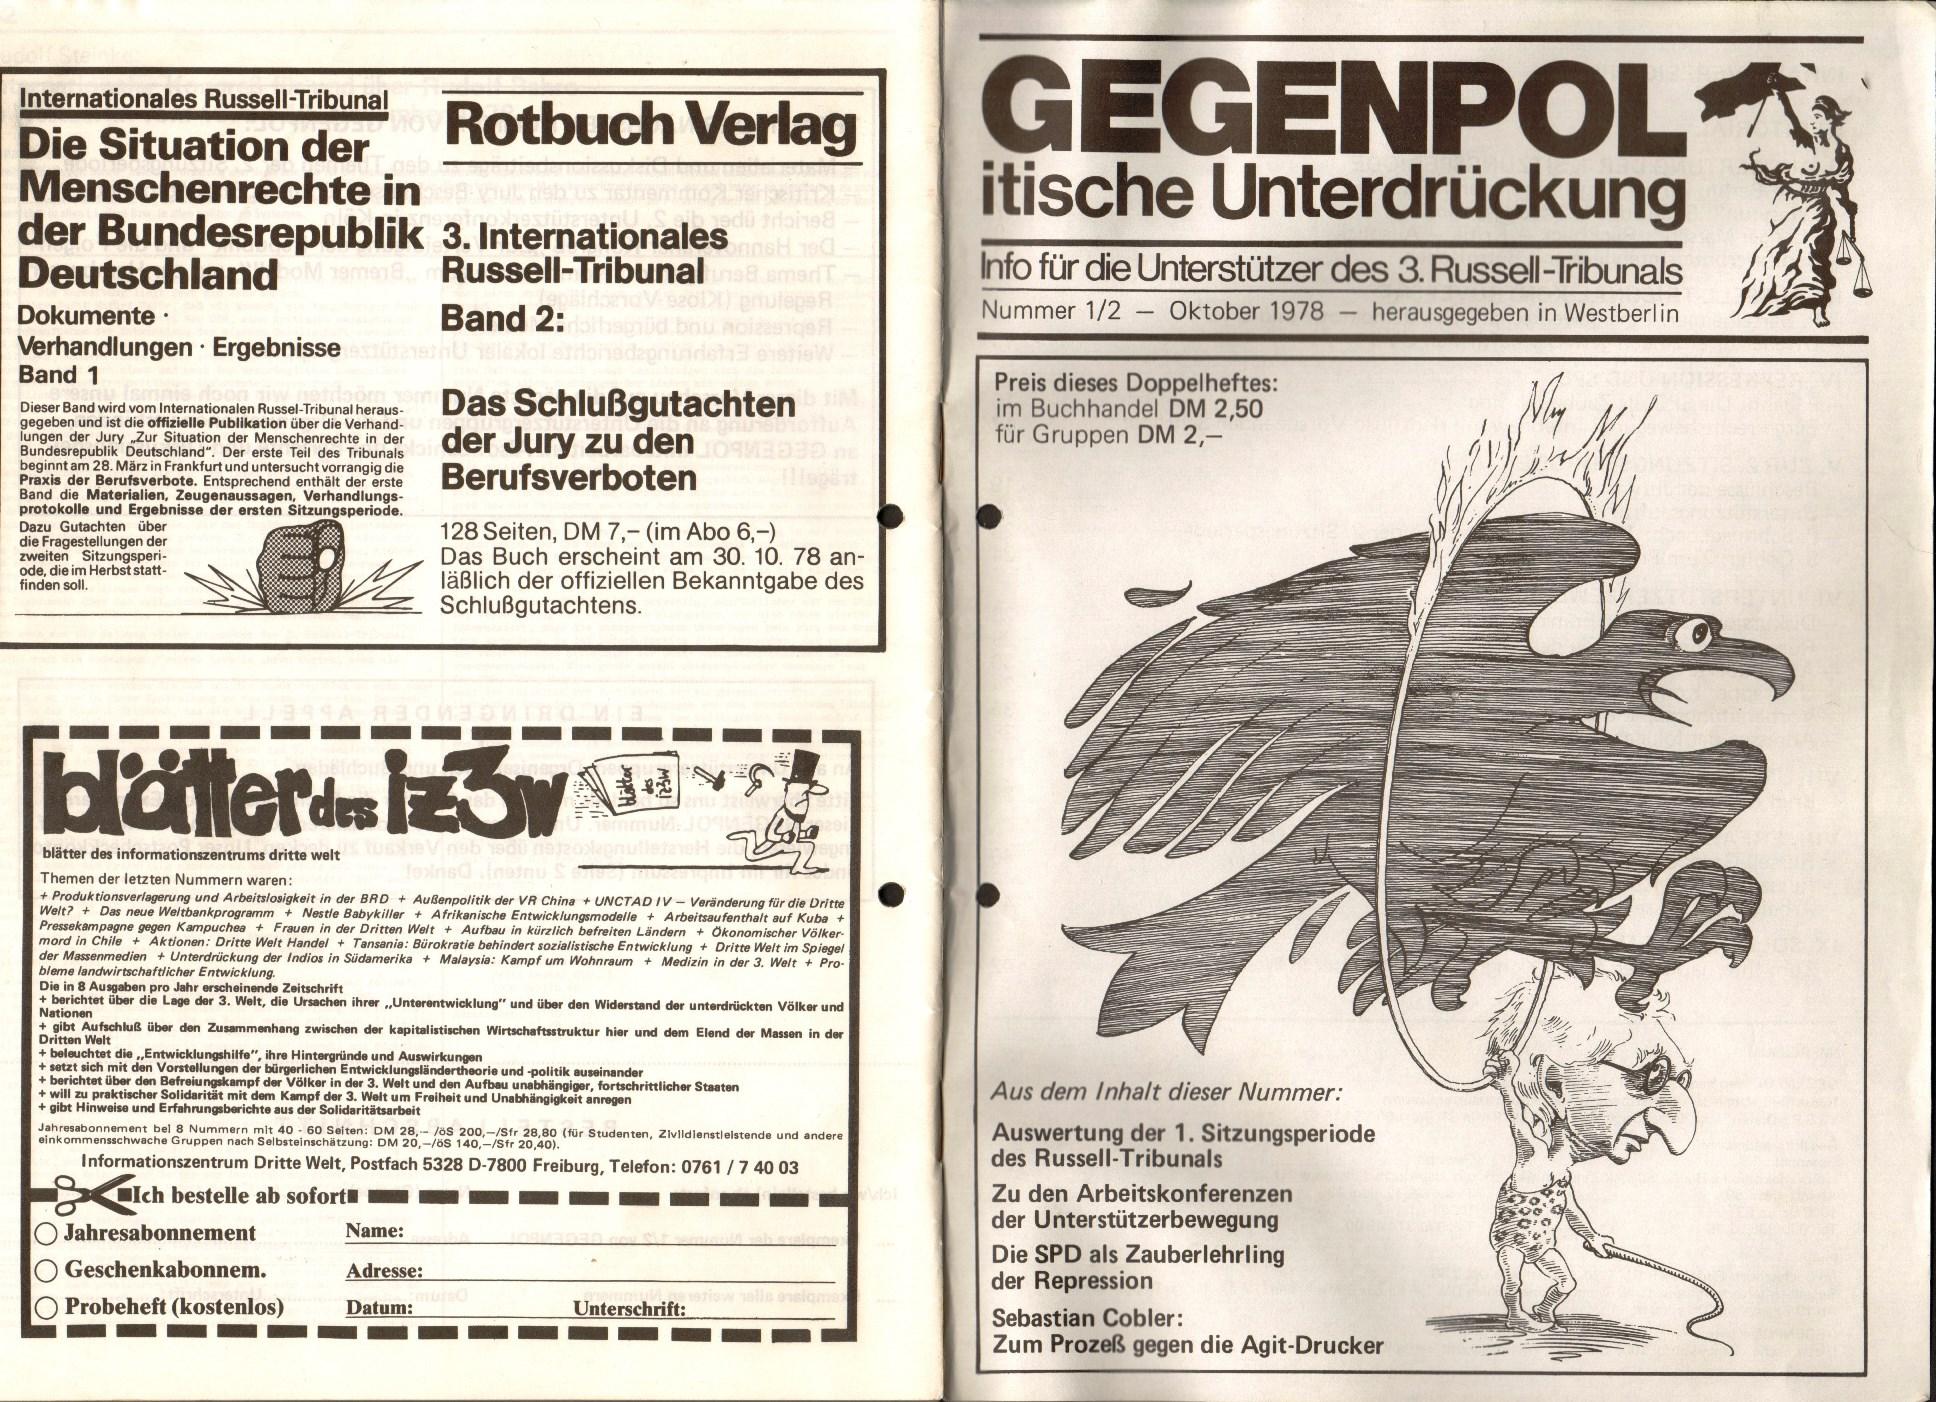 Berlin_Gegenpol_1978_1_2_01